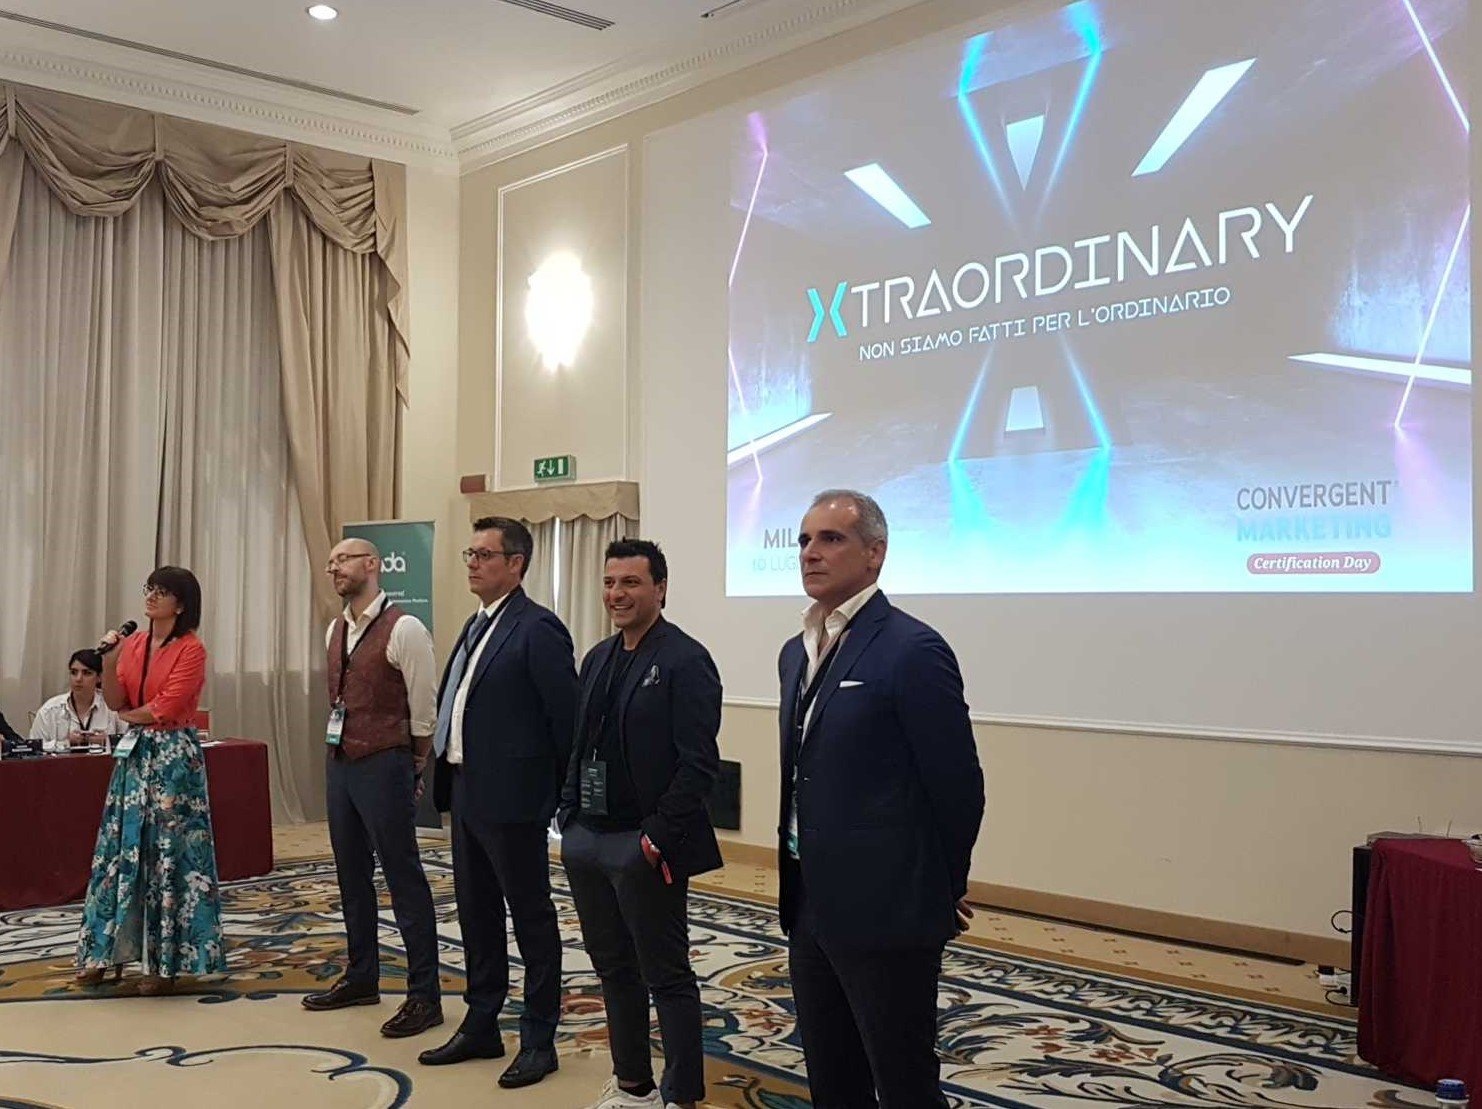 Antonio Perfido premia le migliori agenzie nell'ambito del programma di certificazione del Convergent Marketing